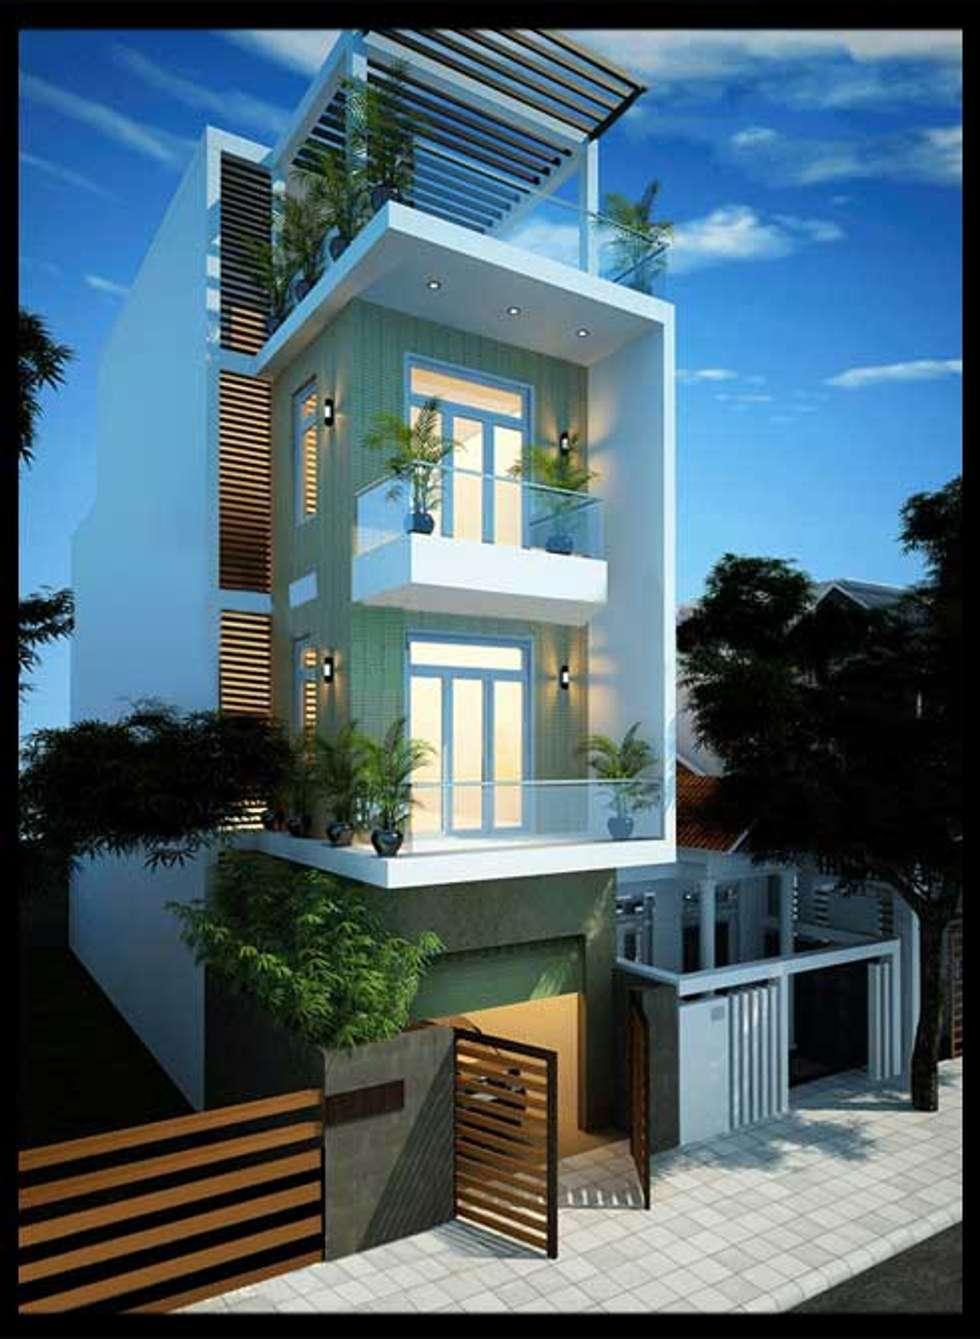 Mặt tiền mẫu nhà đẹp 3 tầng 1 tum diện tích 5x18m:  Nhà gia đình by Công ty TNHH Xây Dựng TM – DV Song Phát